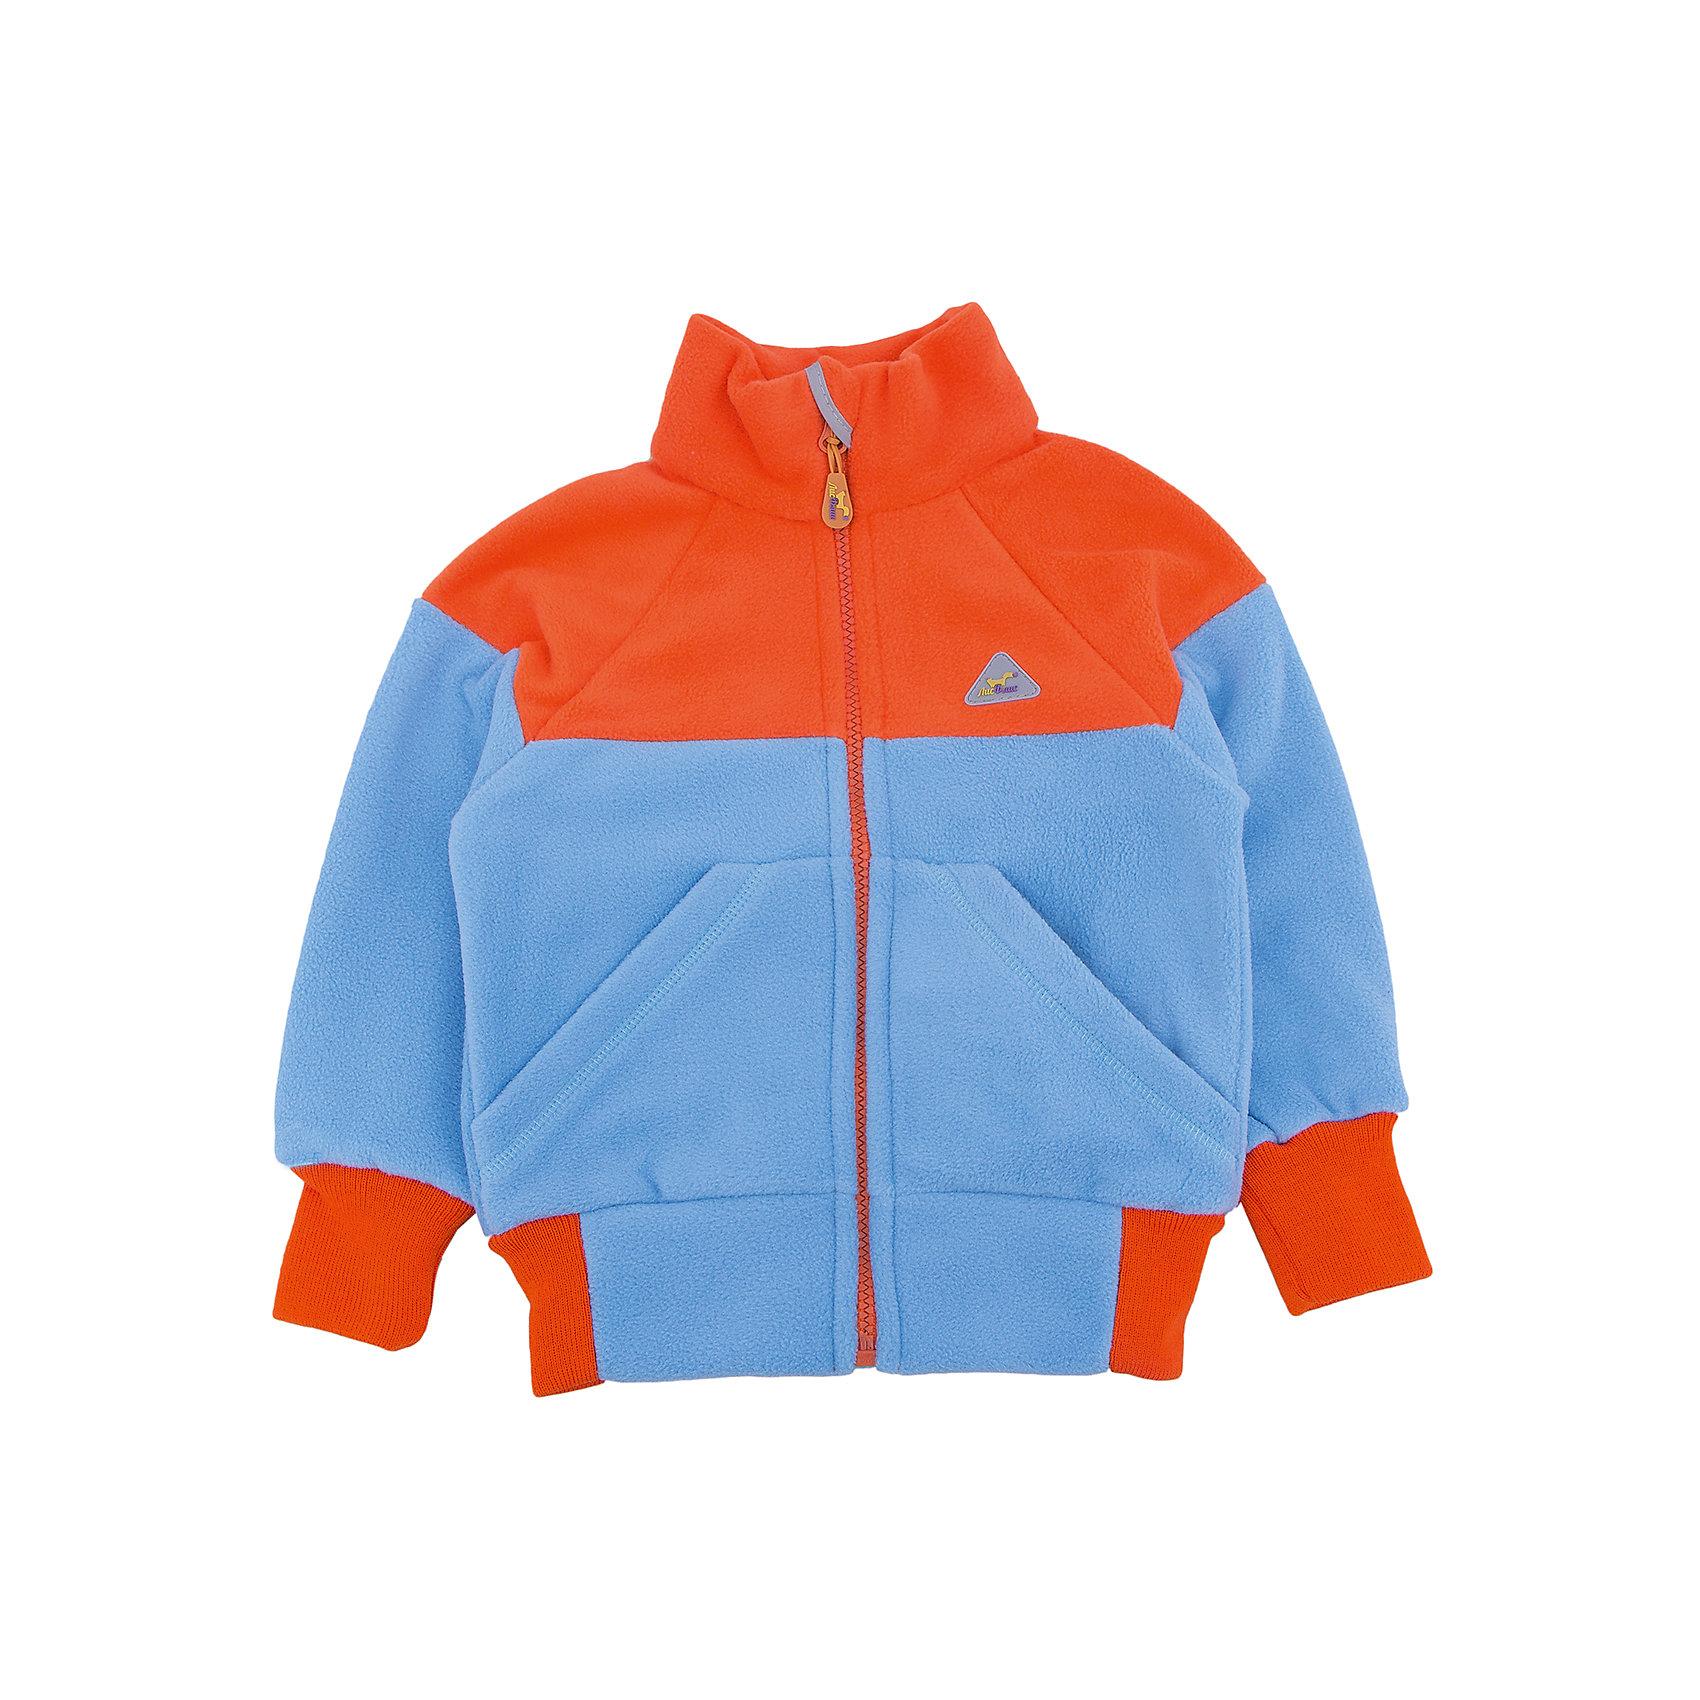 Толстовка Чемпион для мальчика ЛисФлисФлис и термобелье<br>Характеристики кофты Чемпион: <br><br>- комплектация: кофта<br>- пол: для мальчиков<br>- цвет: голубой, оранжевый<br>- длина рукава: длинные<br>- вид застежки: молния<br>- тип карманов: накладные<br>- покрой: прямой<br>- декоративные элементы: логотип ЛисФлис<br>- фактура материала: флис<br>- уход за вещами: предварительная стирка<br>- рисунок: без рисунка<br>- назначение: повседневная<br>- вырез горловины: воротник-стойка<br>- сезон: круглогодичный<br>- страна бренда: Россия<br>- страна производитель: Россия<br><br>Кофта Чемпион российской торговой марки ЛисФлис постоянный хит продаж благодаря идеальному соотношению цены и качества. Кофта выполнена из плотного флиса 280 г. с манжетами на рукавах, с резинкой по низу изделия и специальной защитой-стоппером от молнии. Кофта Чемпион выполнена в ярких цветах.<br><br>Кофту Чемпион торговой марки ЛисФлис  можно купить в нашем интернет-магазине.<br><br>Ширина мм: 190<br>Глубина мм: 74<br>Высота мм: 229<br>Вес г: 236<br>Цвет: оранжевый/синий<br>Возраст от месяцев: 120<br>Возраст до месяцев: 132<br>Пол: Мужской<br>Возраст: Детский<br>Размер: 146,80,86,92,98,104,110,116,122,128,134,140<br>SKU: 4938901